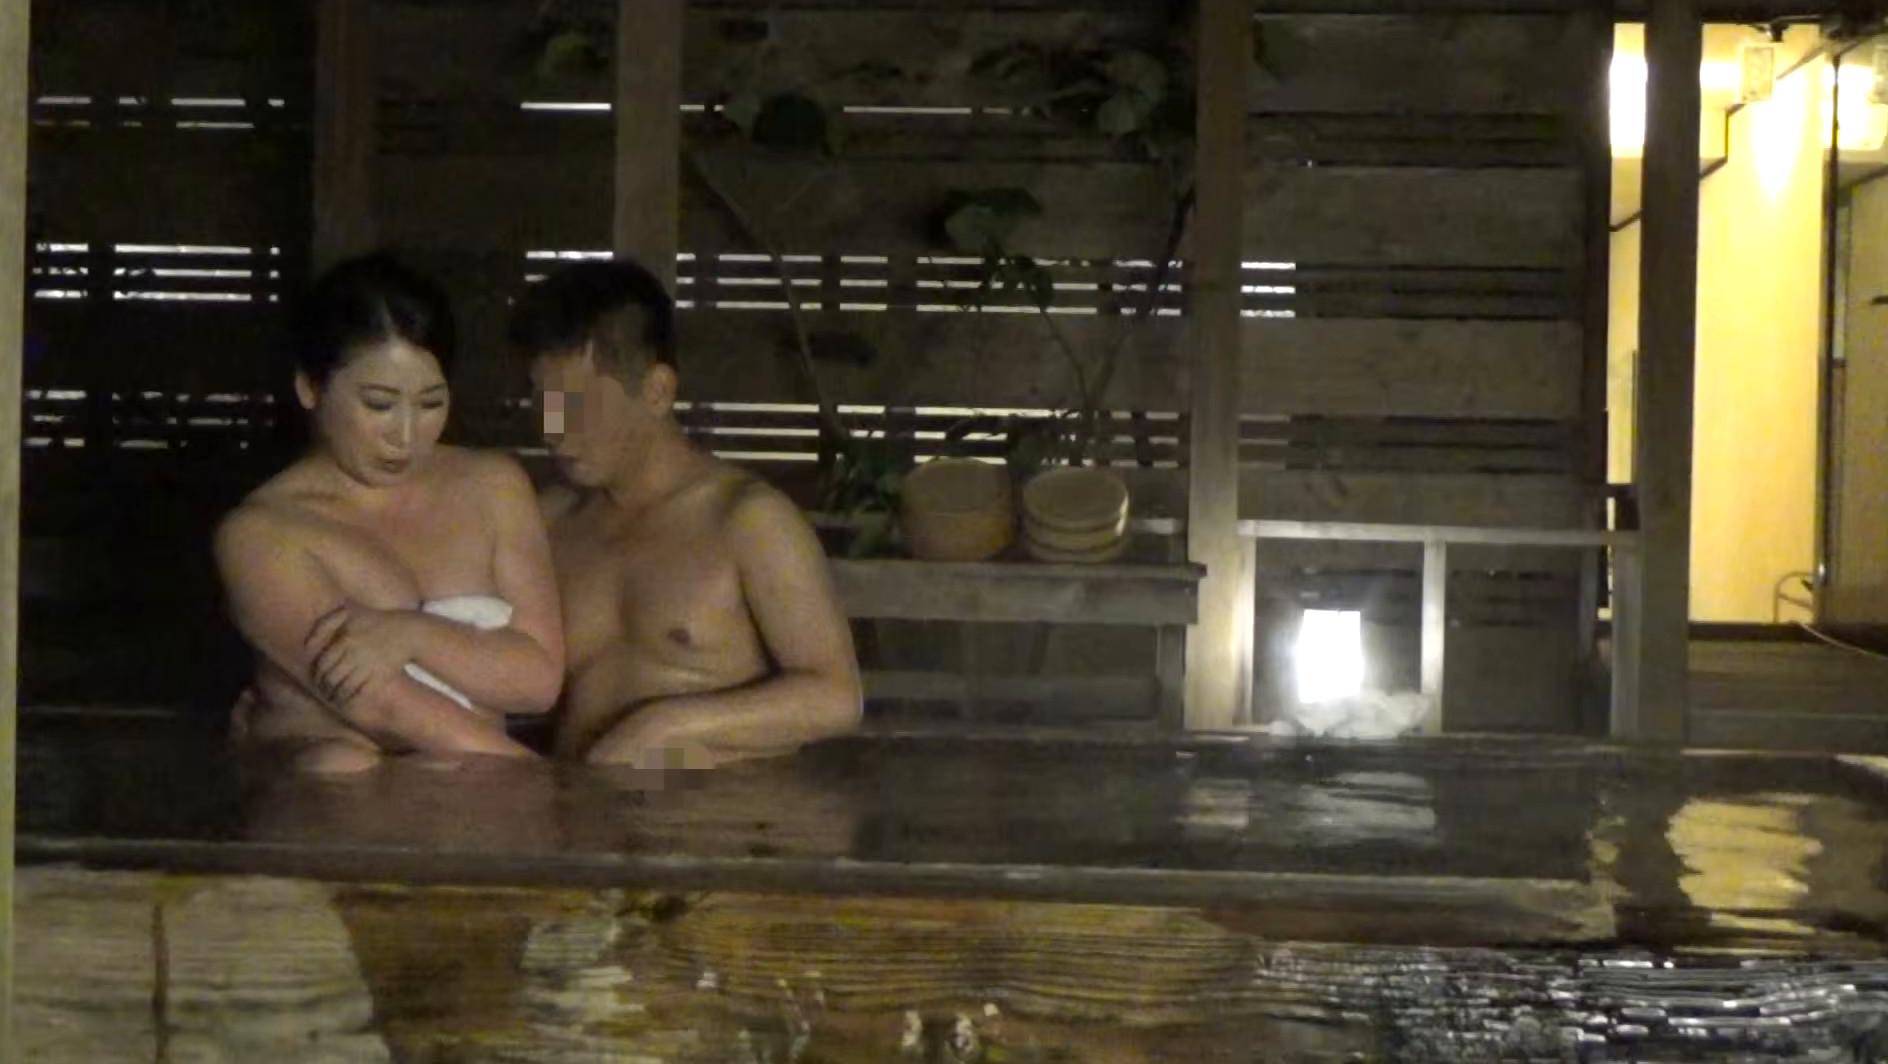 【素人】《偶然混浴》ヤっちゃった映像,のサンプル画像2